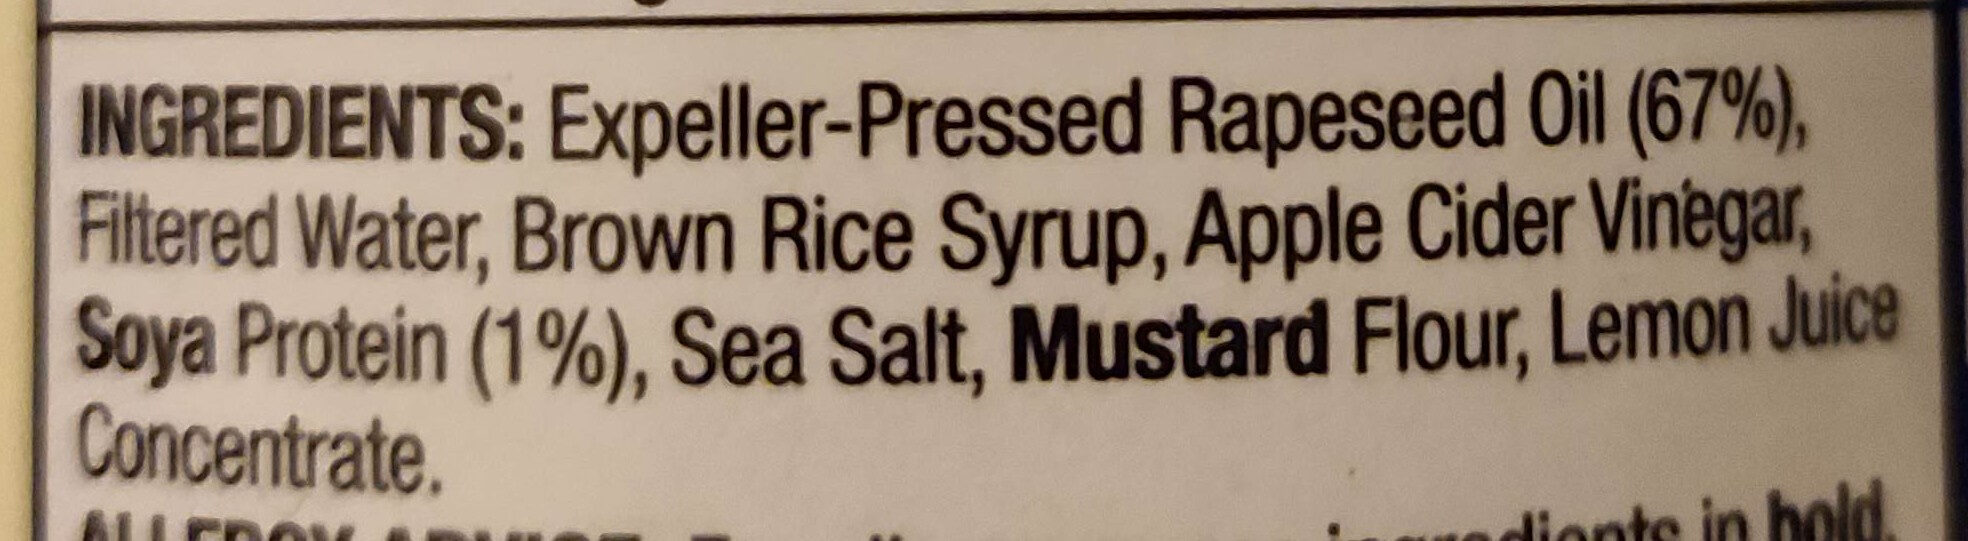 vegenaise - Ingredients - en